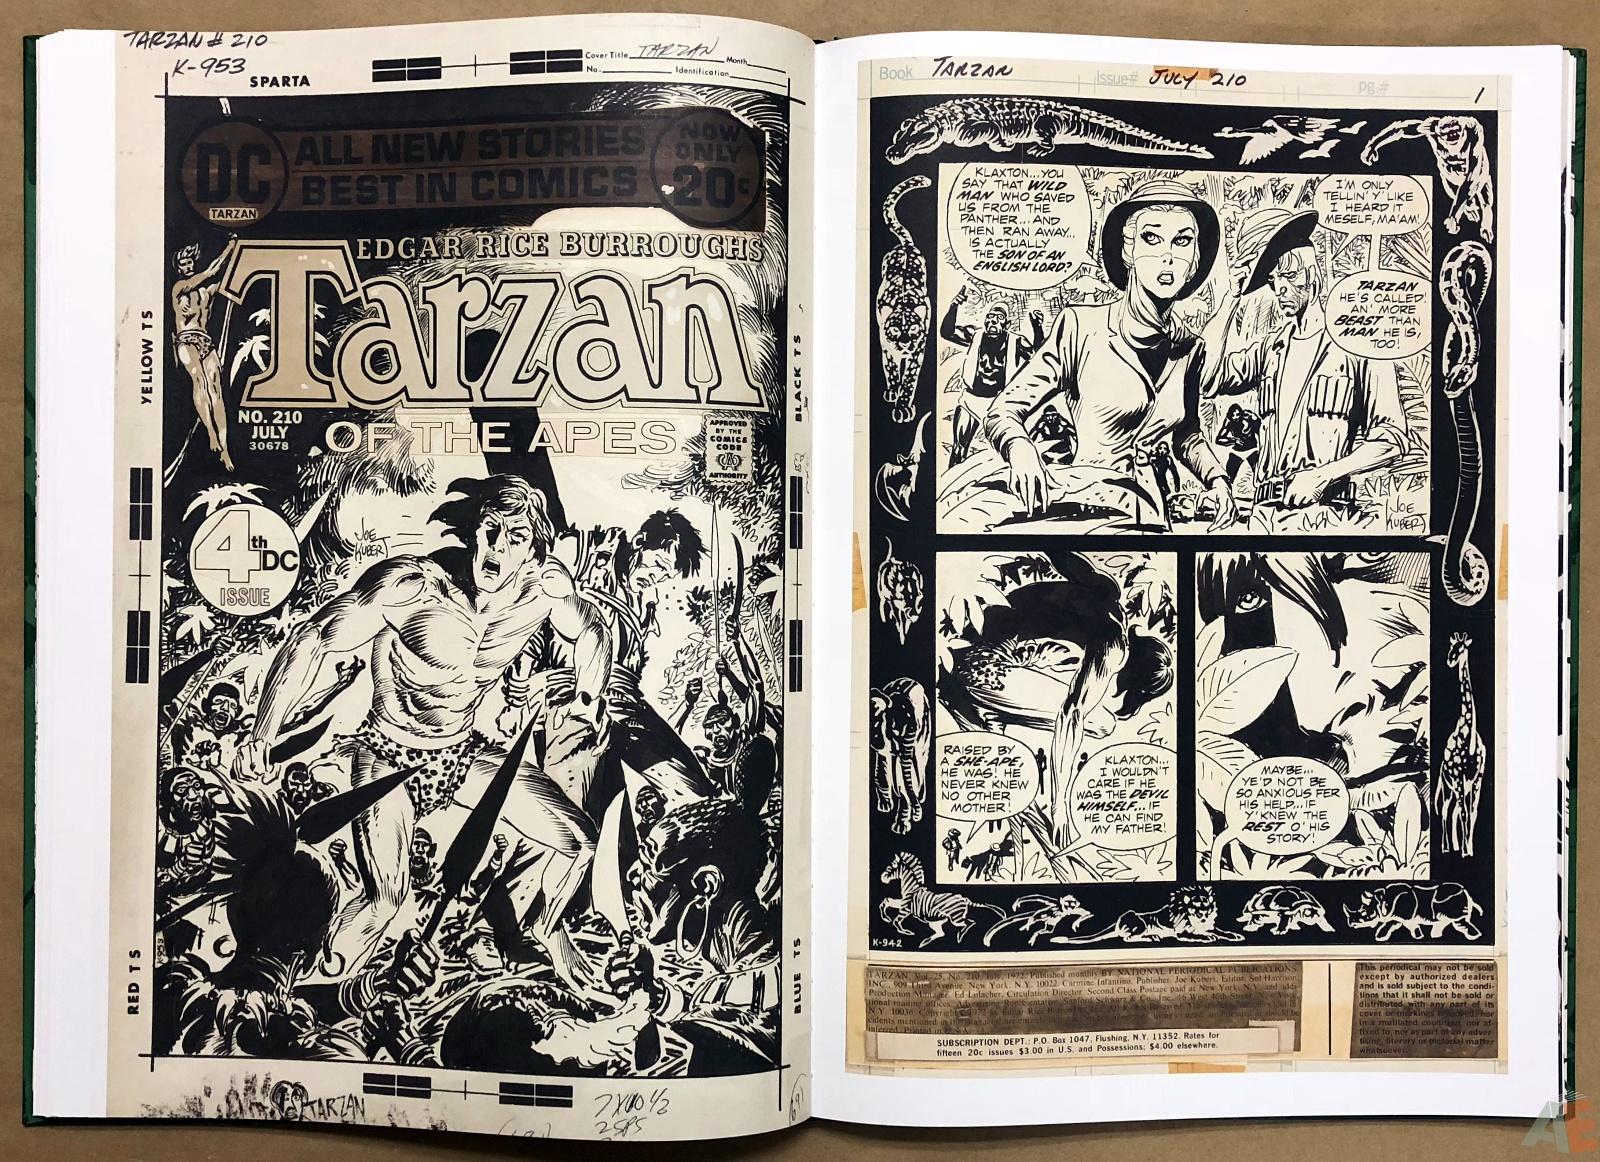 Joe Kubert's Tarzan of the Apes Artist's Edition 30